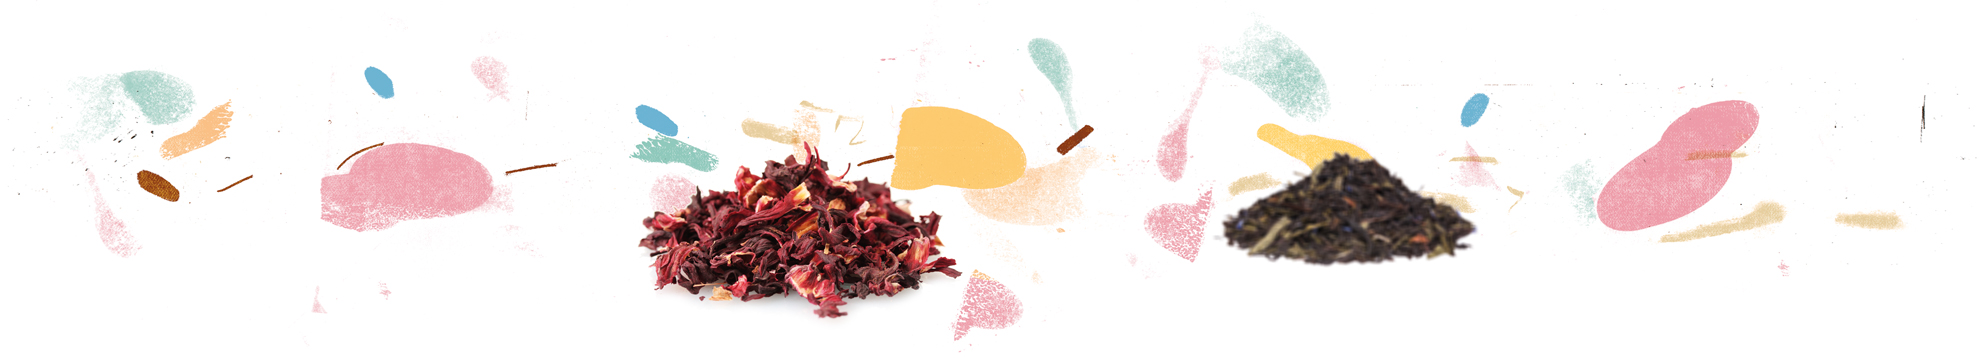 Songbird Tea Company - Why Fresh leaf